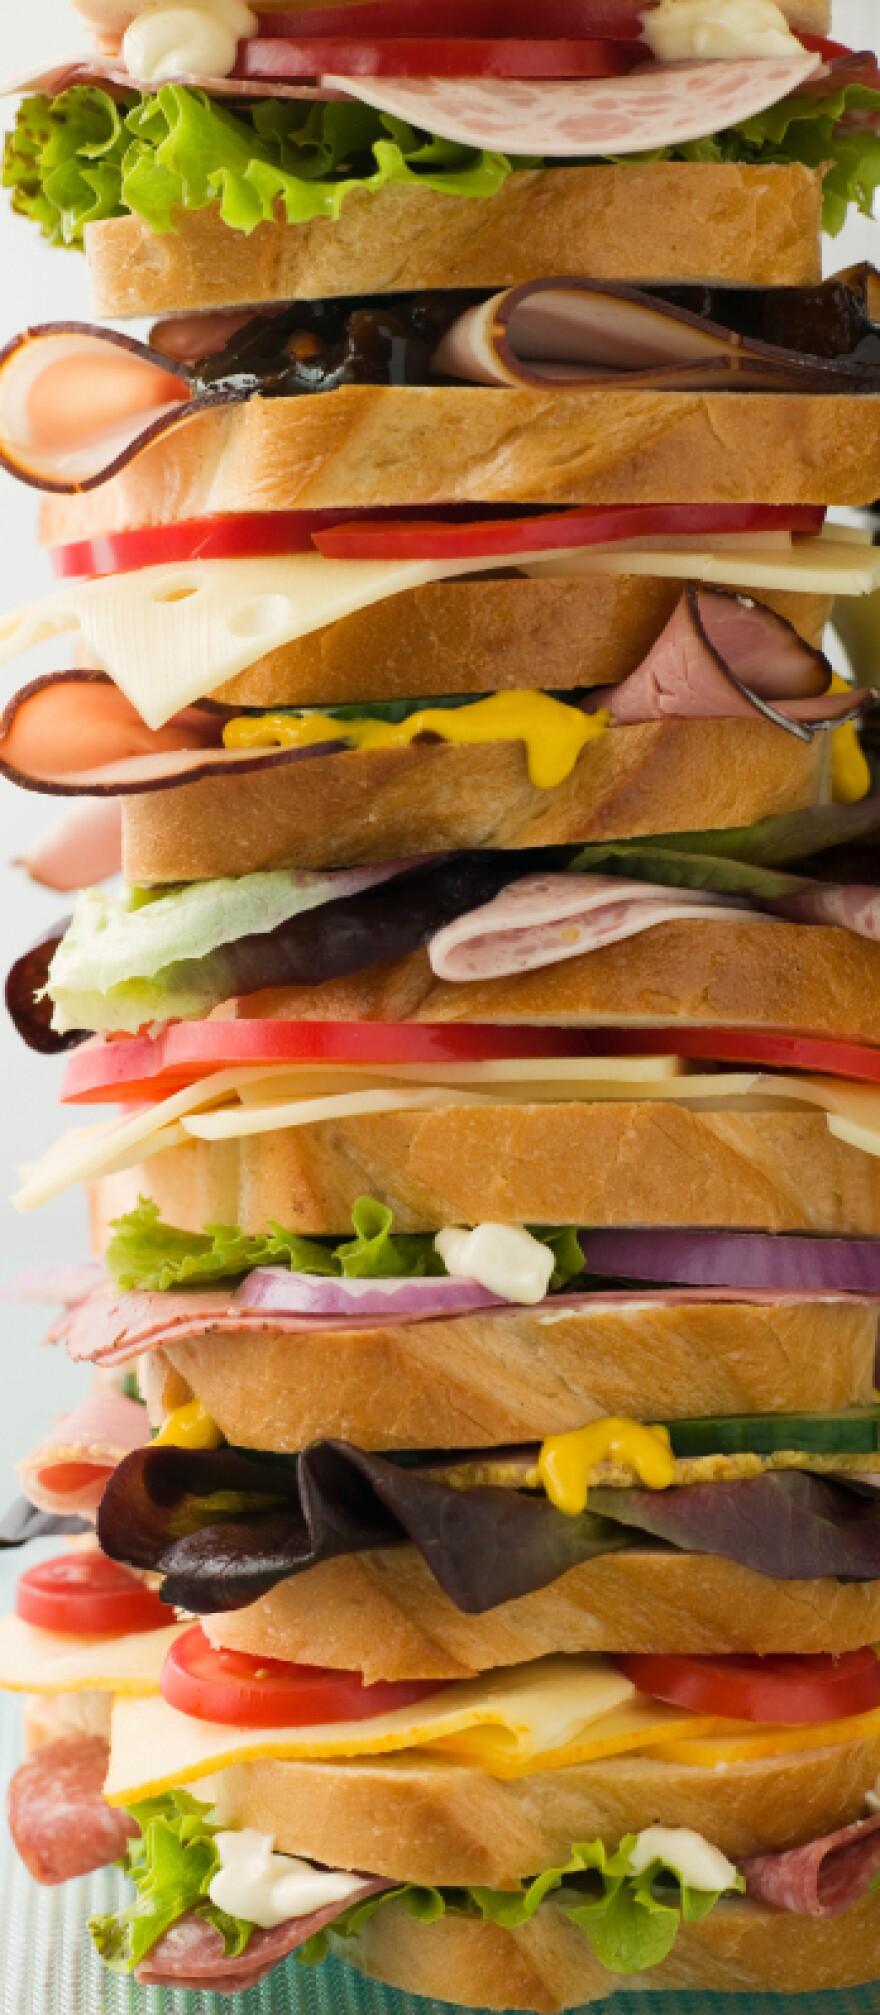 Variation on a club sandwich.